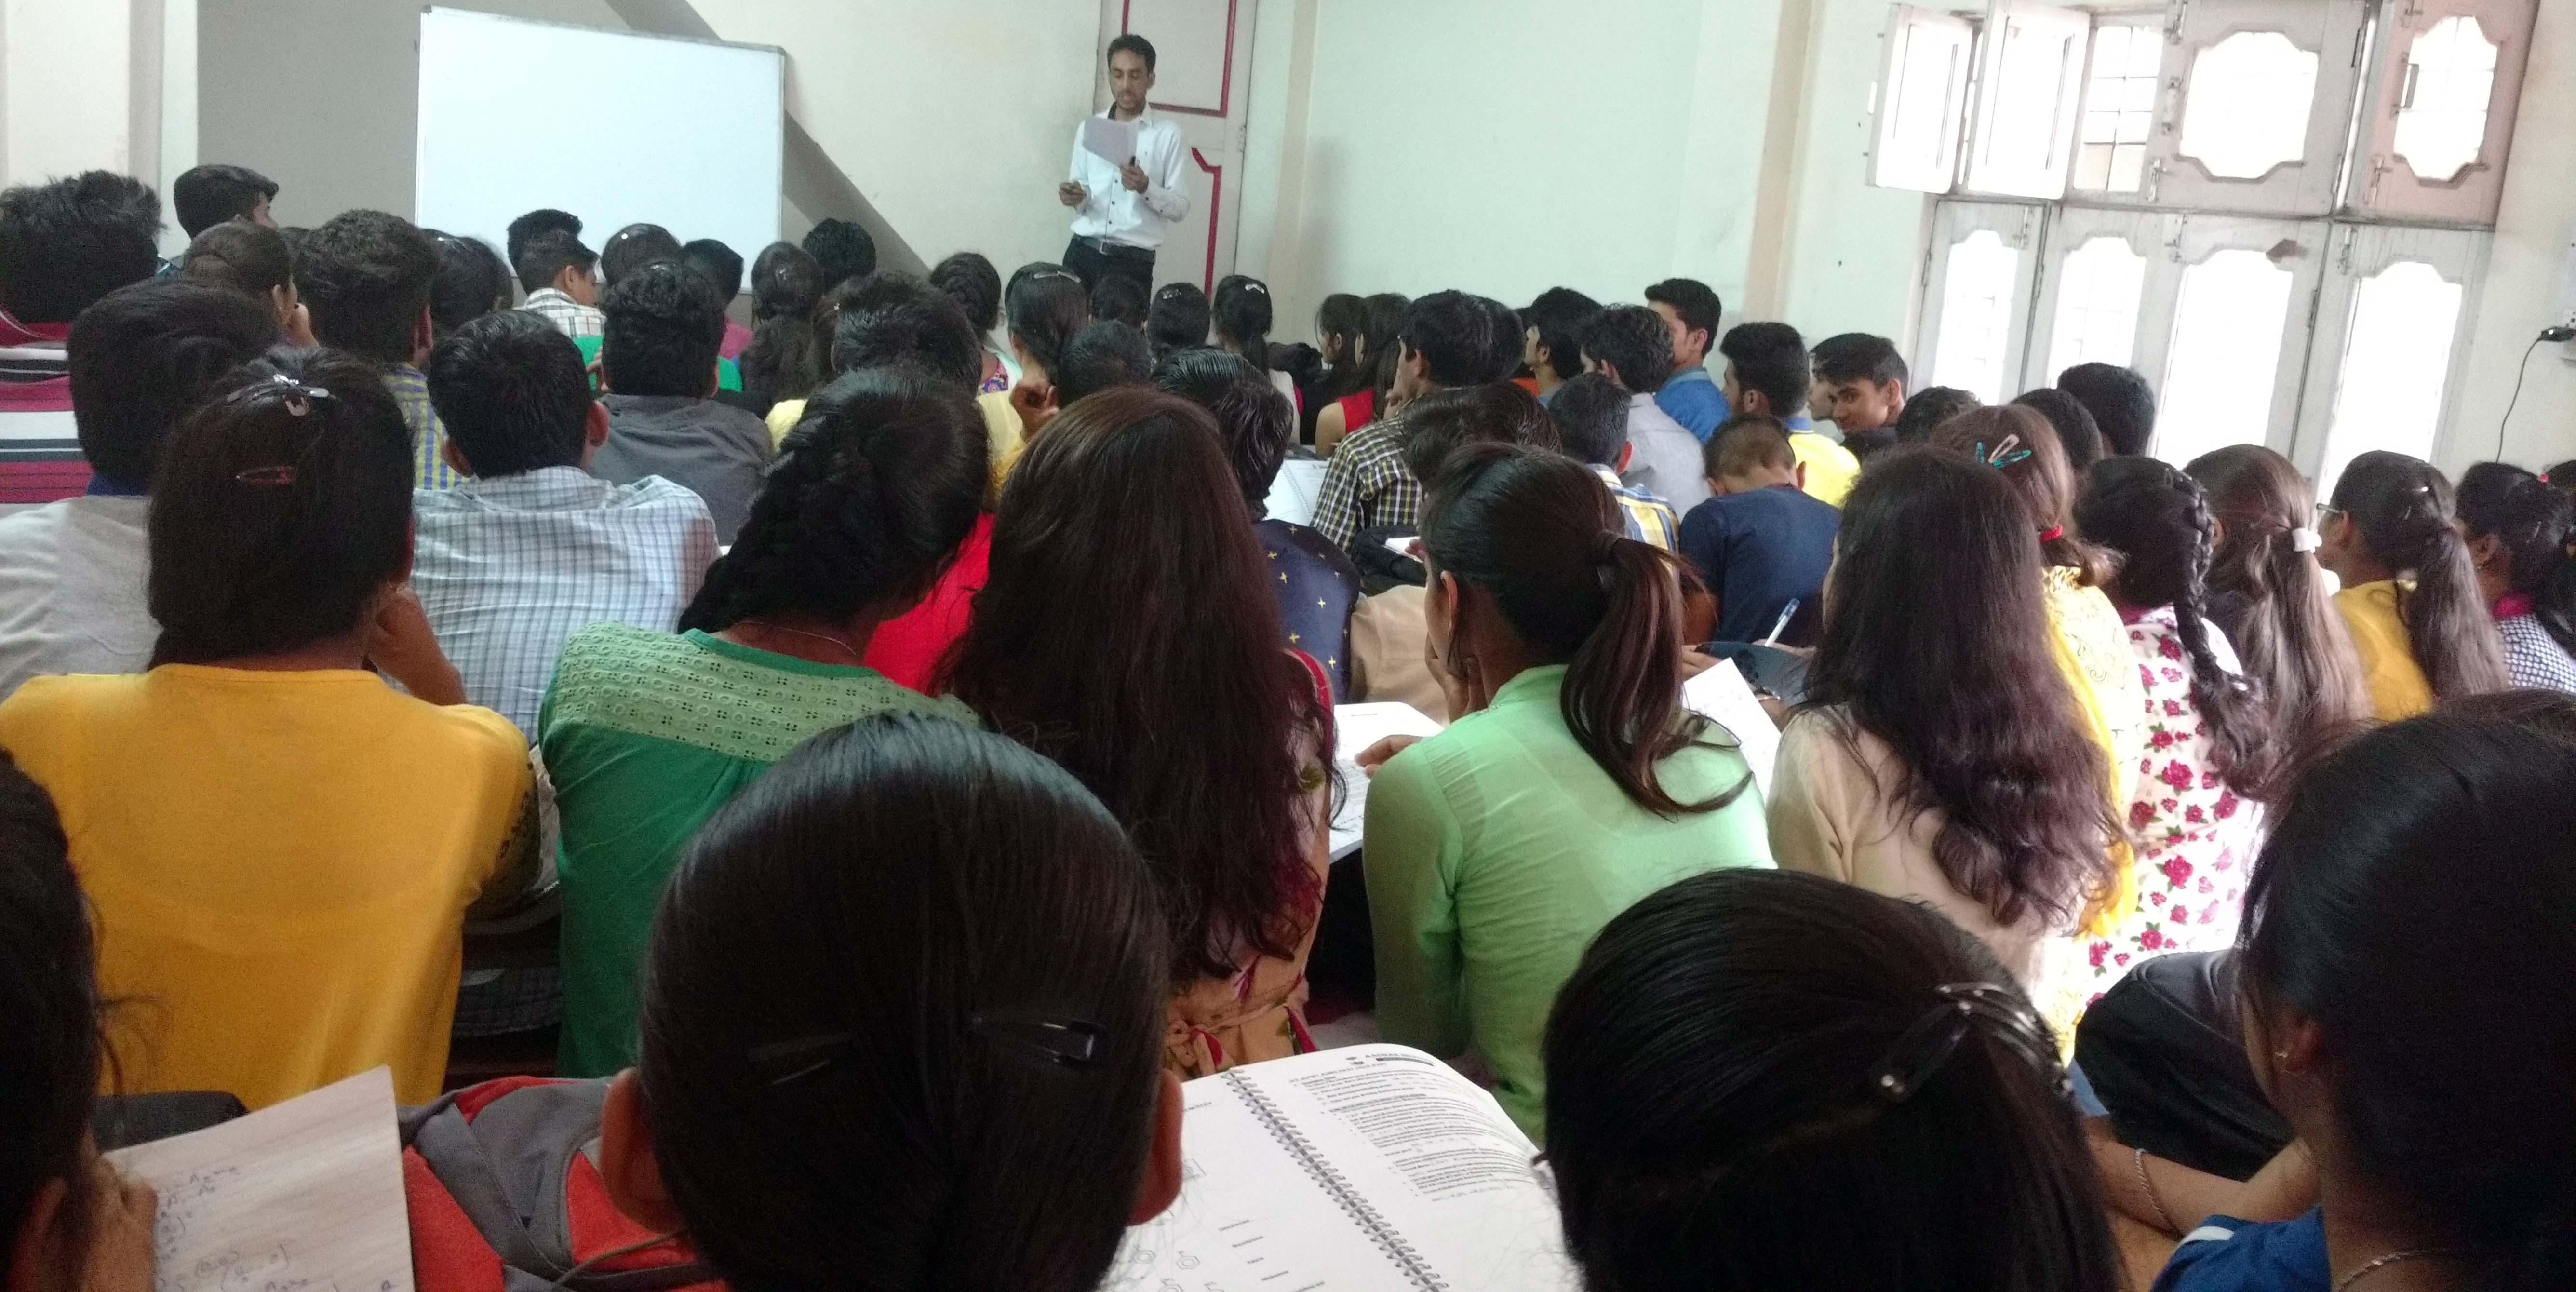 Aadhar Institute